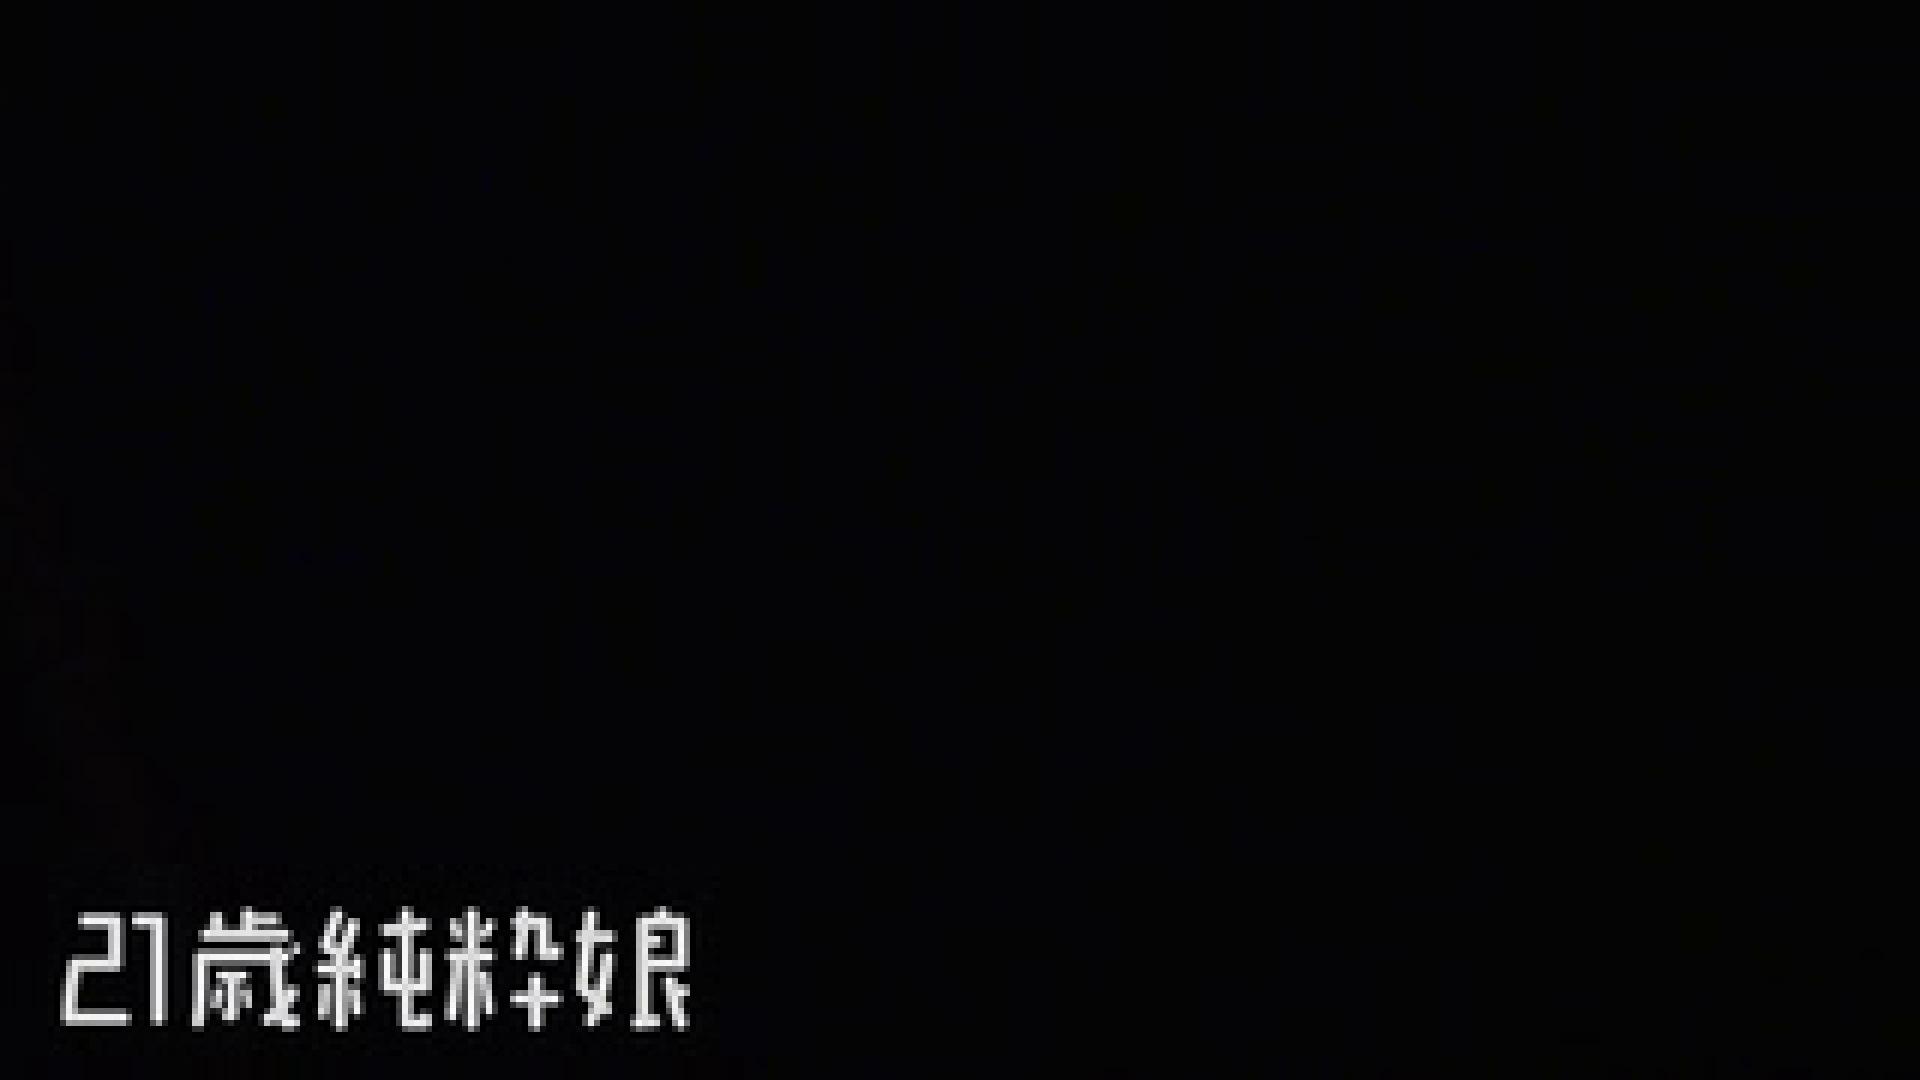 上京したばかりのGカップ21歳純粋嬢を都合の良い女にしてみた4 ホテル | ギャル達のおっぱい  96画像 47